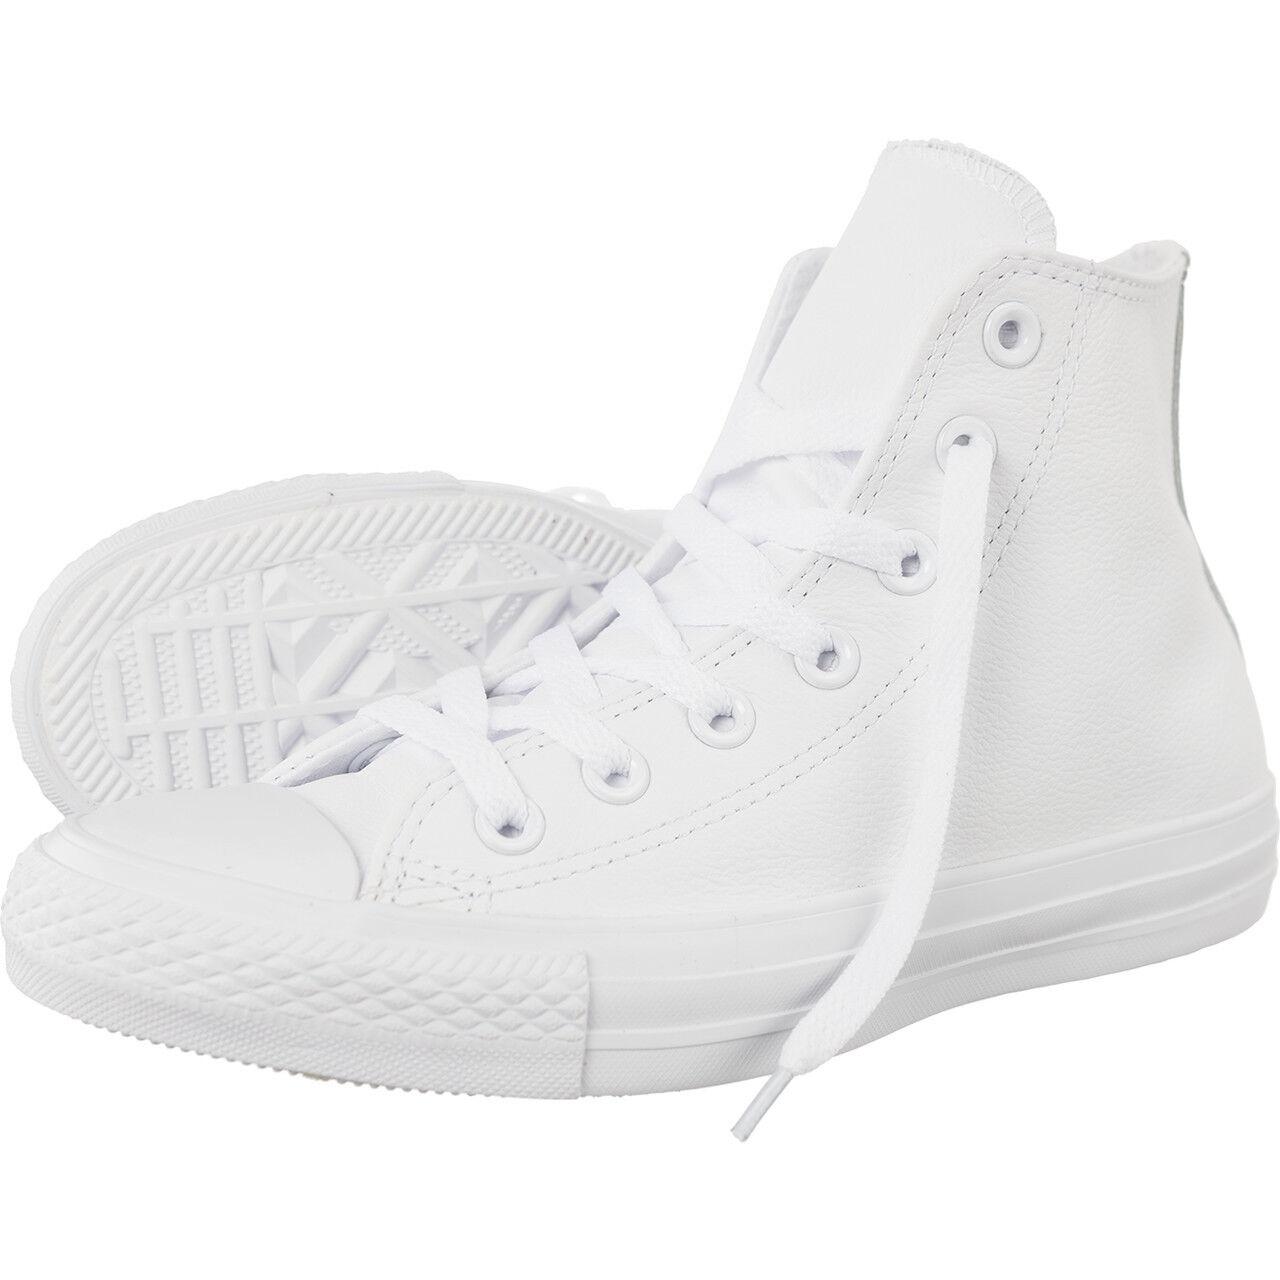 Nuevo Converse Blanco Chuck Taylor All Star Blanco Converse Cuero Mono Alto Zapatos  para hombre 1T406 ff6b3f